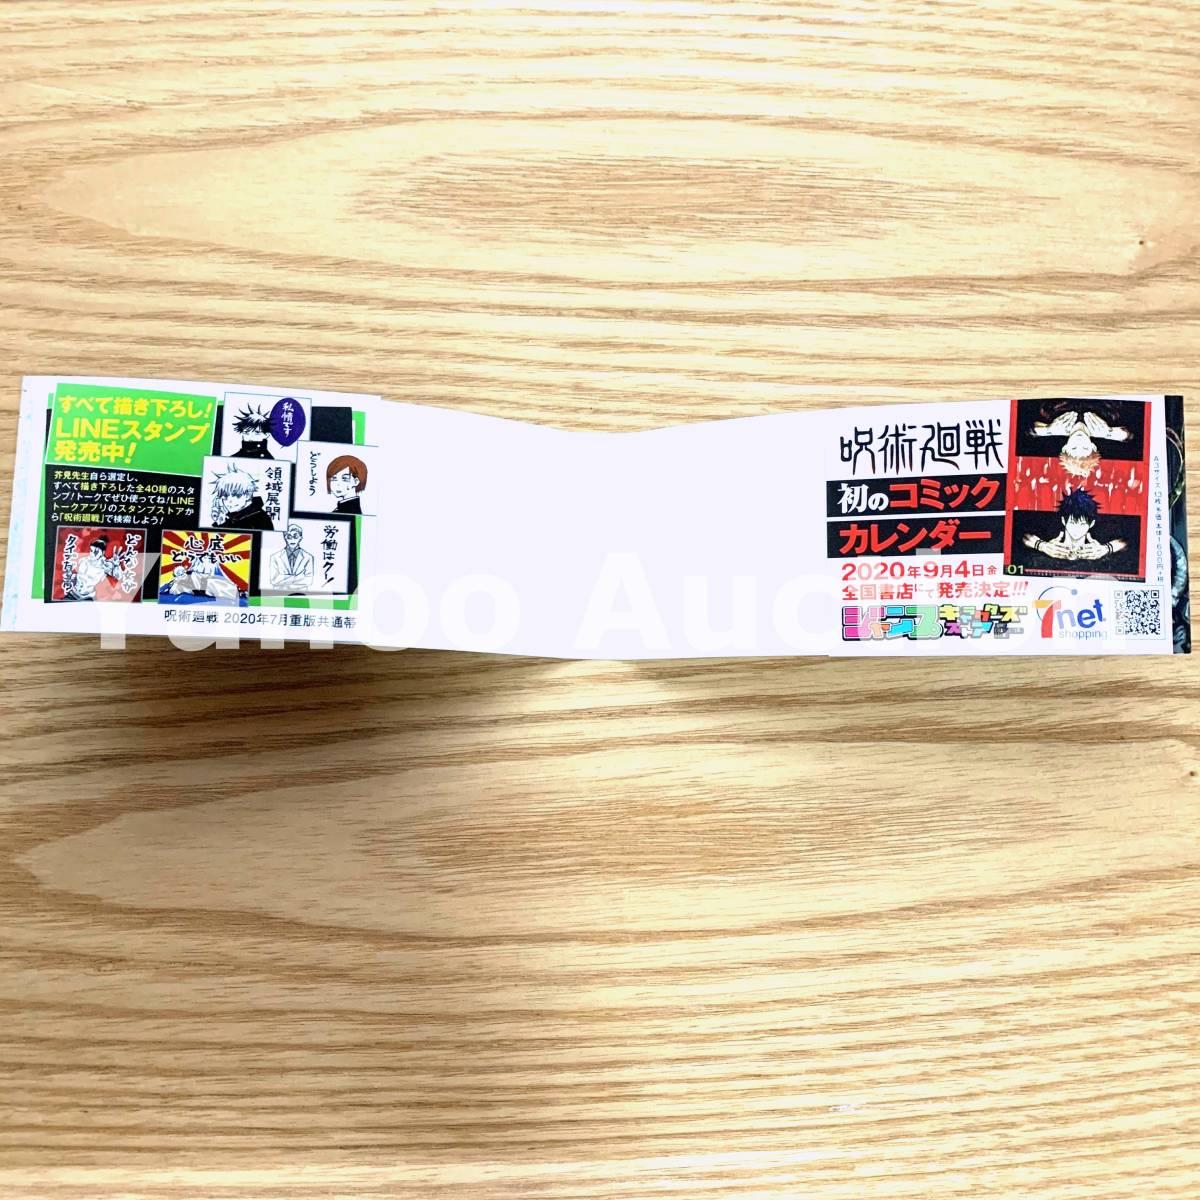 呪術廻戦 芥見下々 帯 TVアニメ放送開始① 少年ジャンプ 集英社 じゅじゅつかいせん_画像2